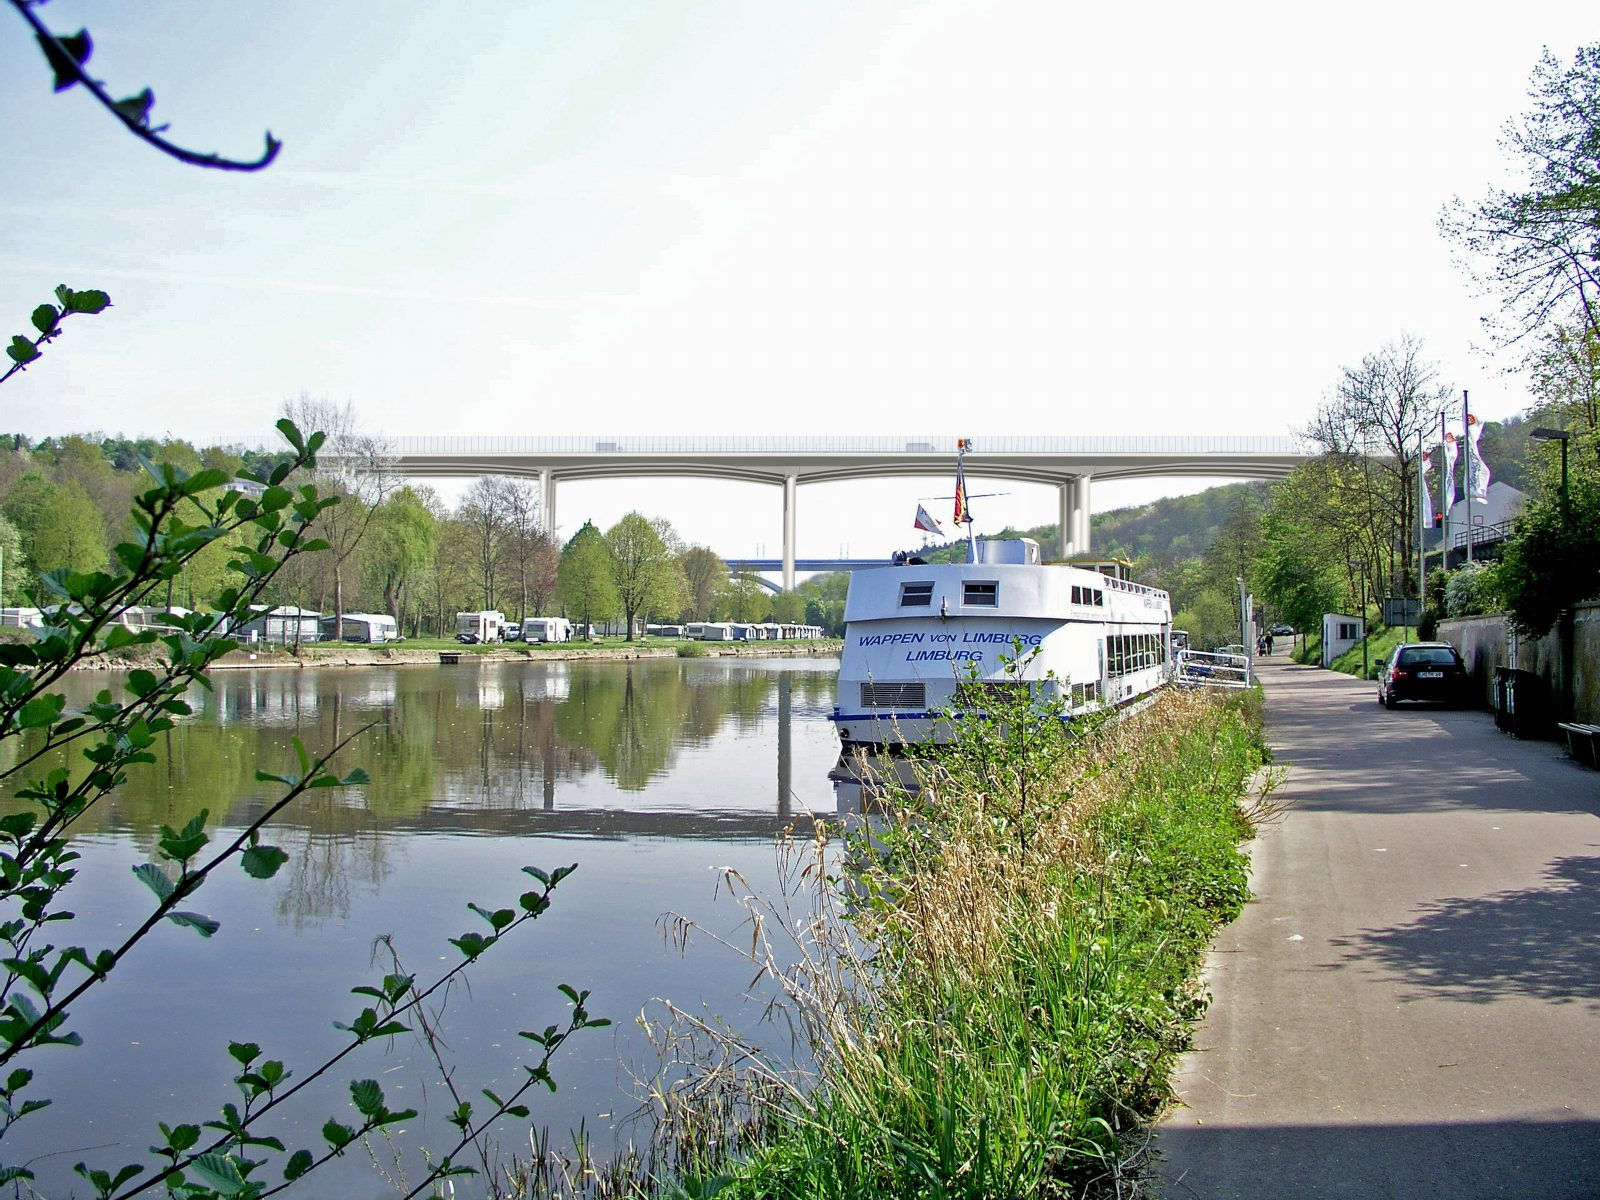 Perspektive Lahntalbrücke A3 Limburg